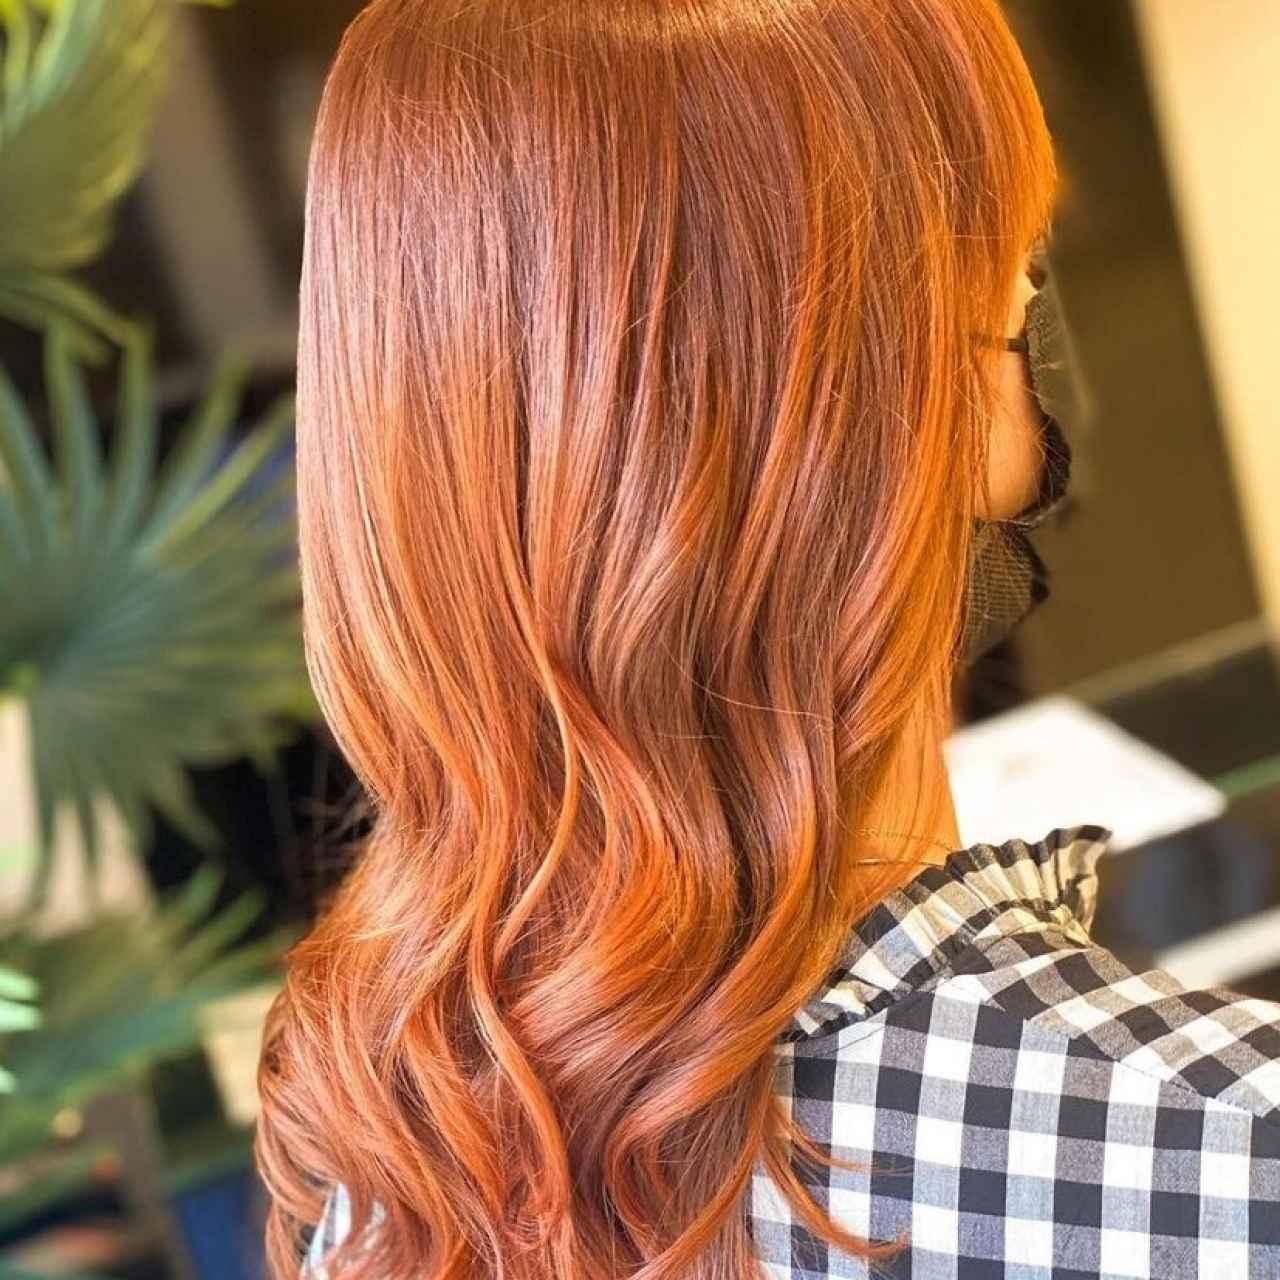 Los cabellos rojizos precisan también de productos específicos para no perder su brillo.